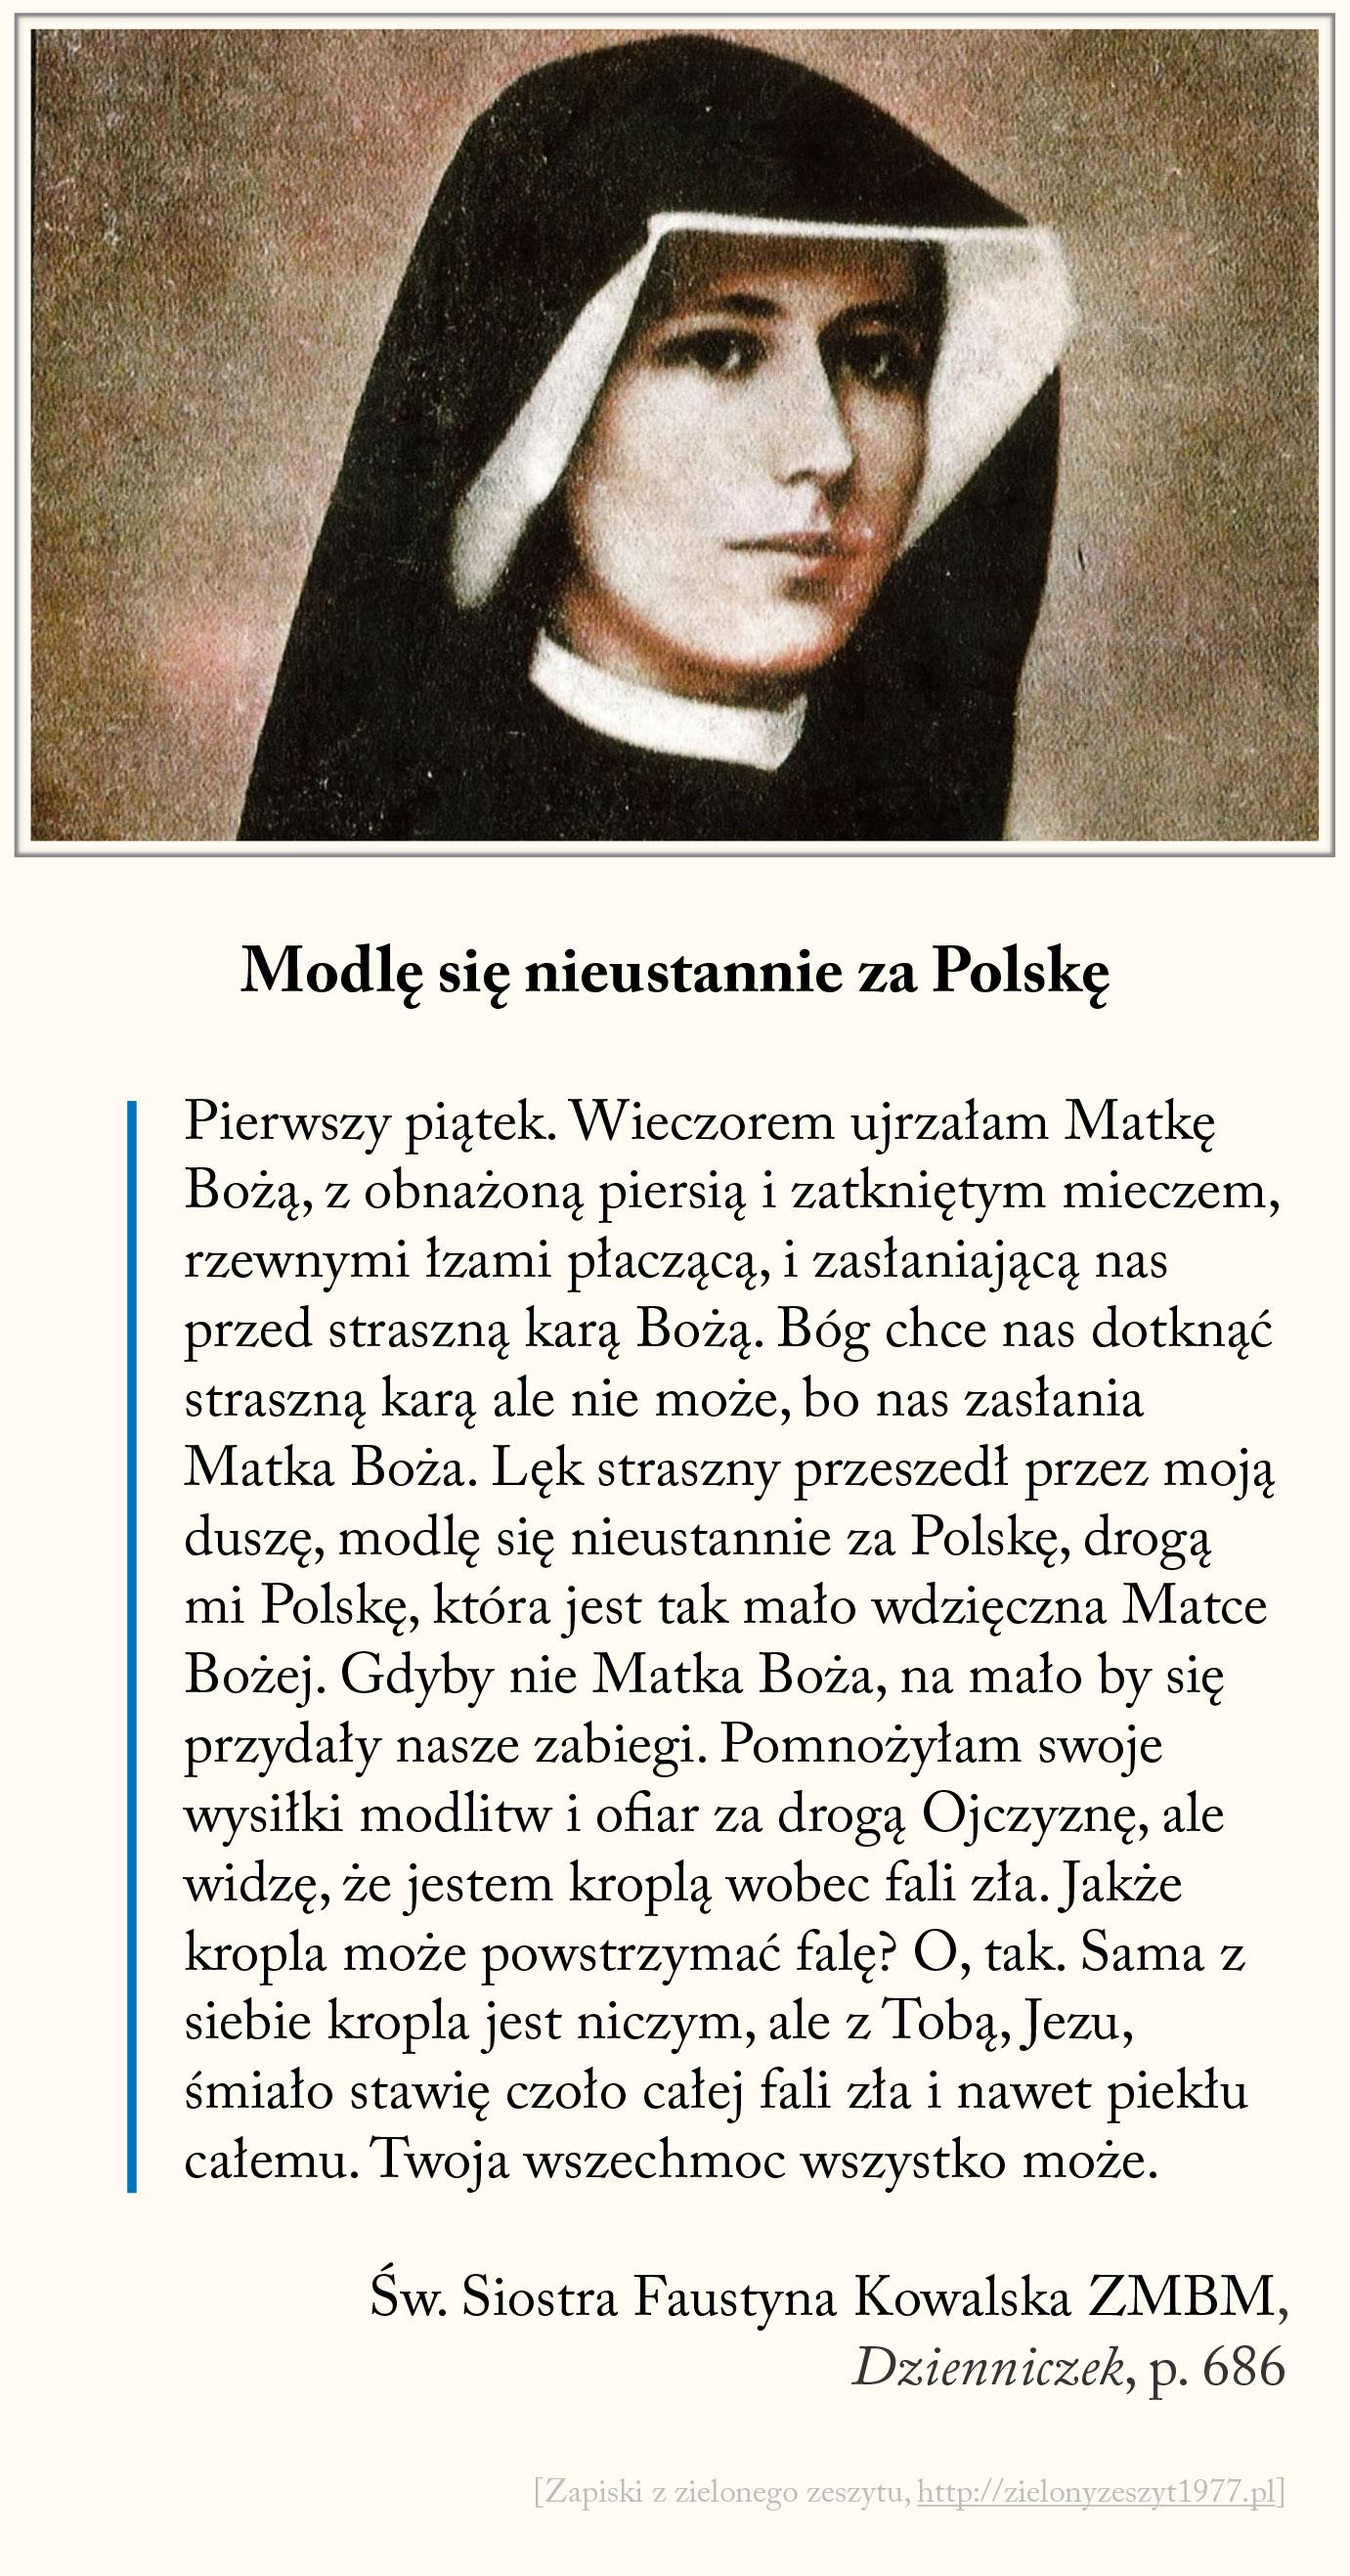 Modlę się nieustannie za Polskę, św. Faustyna Kowalska